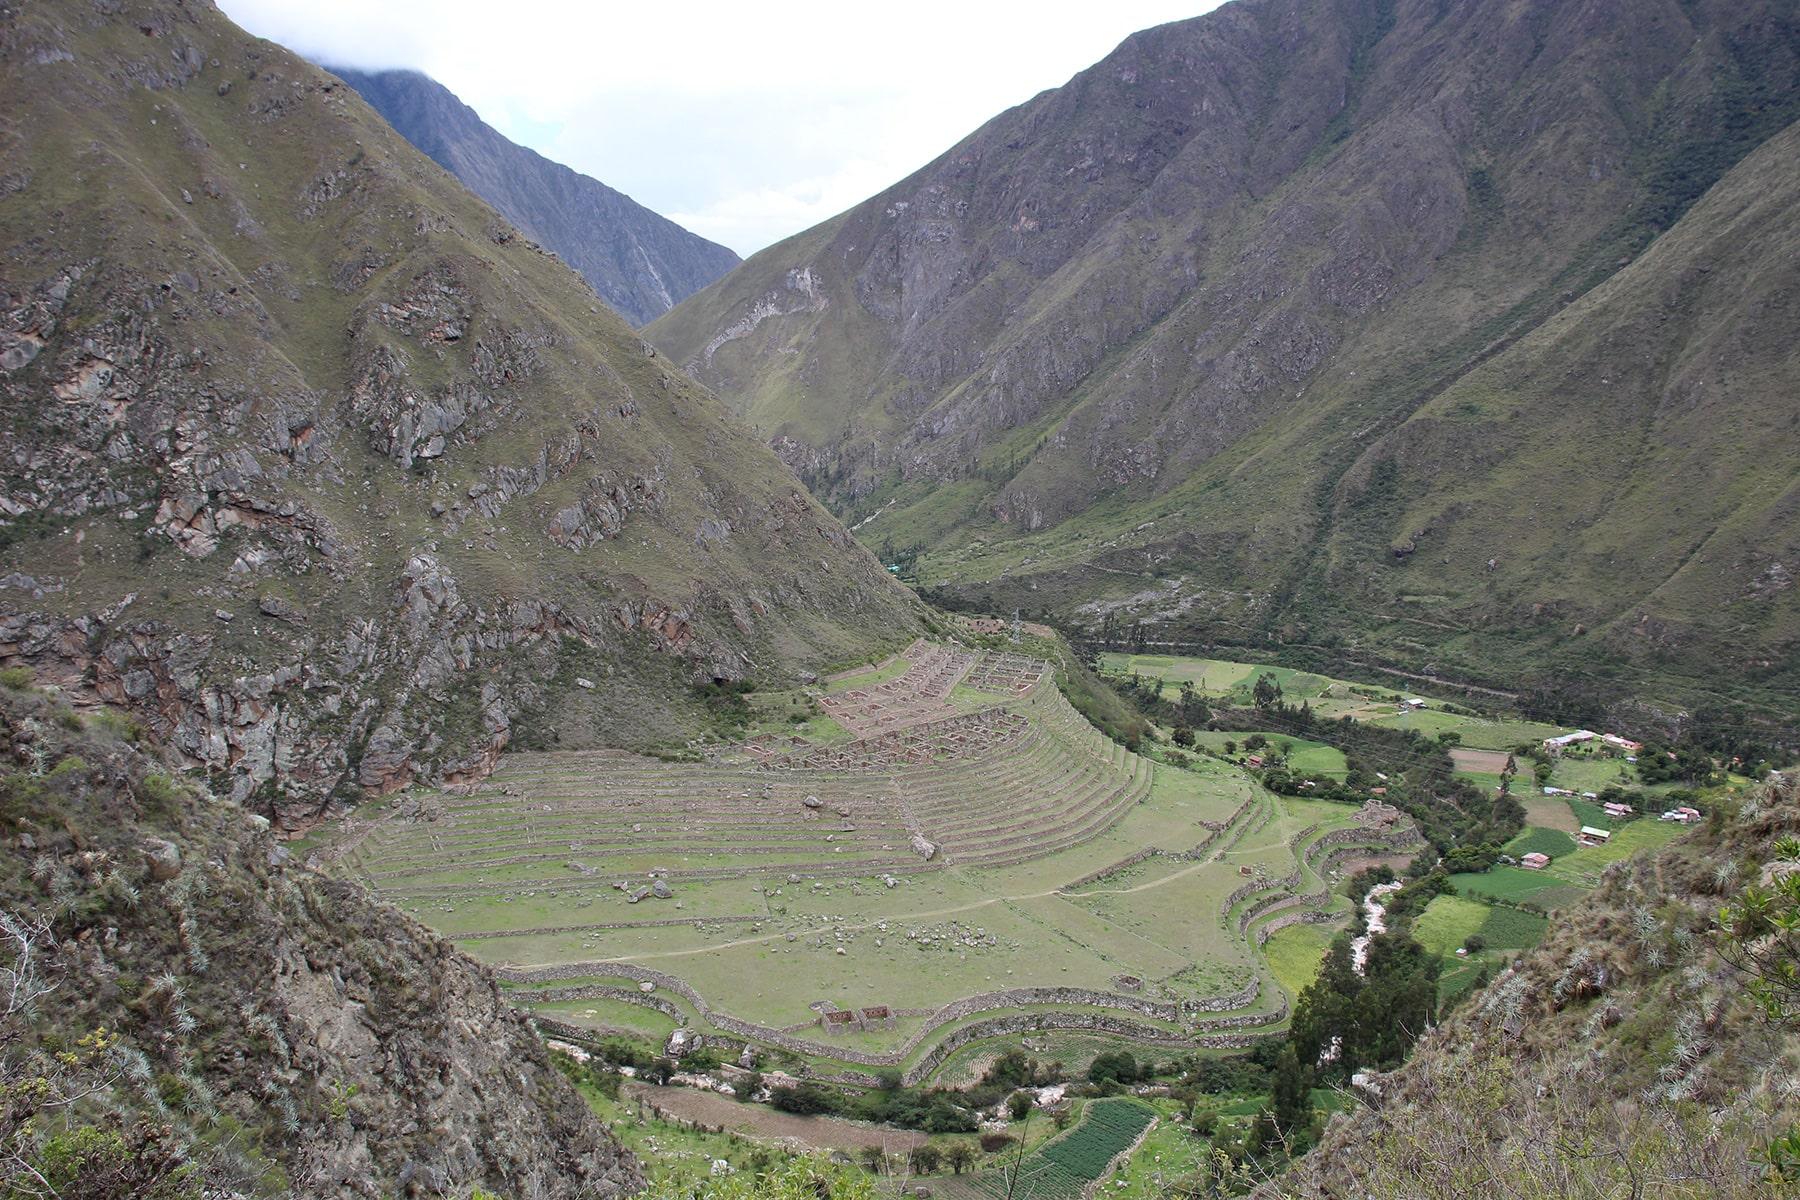 La vista sul sito di Patallacta